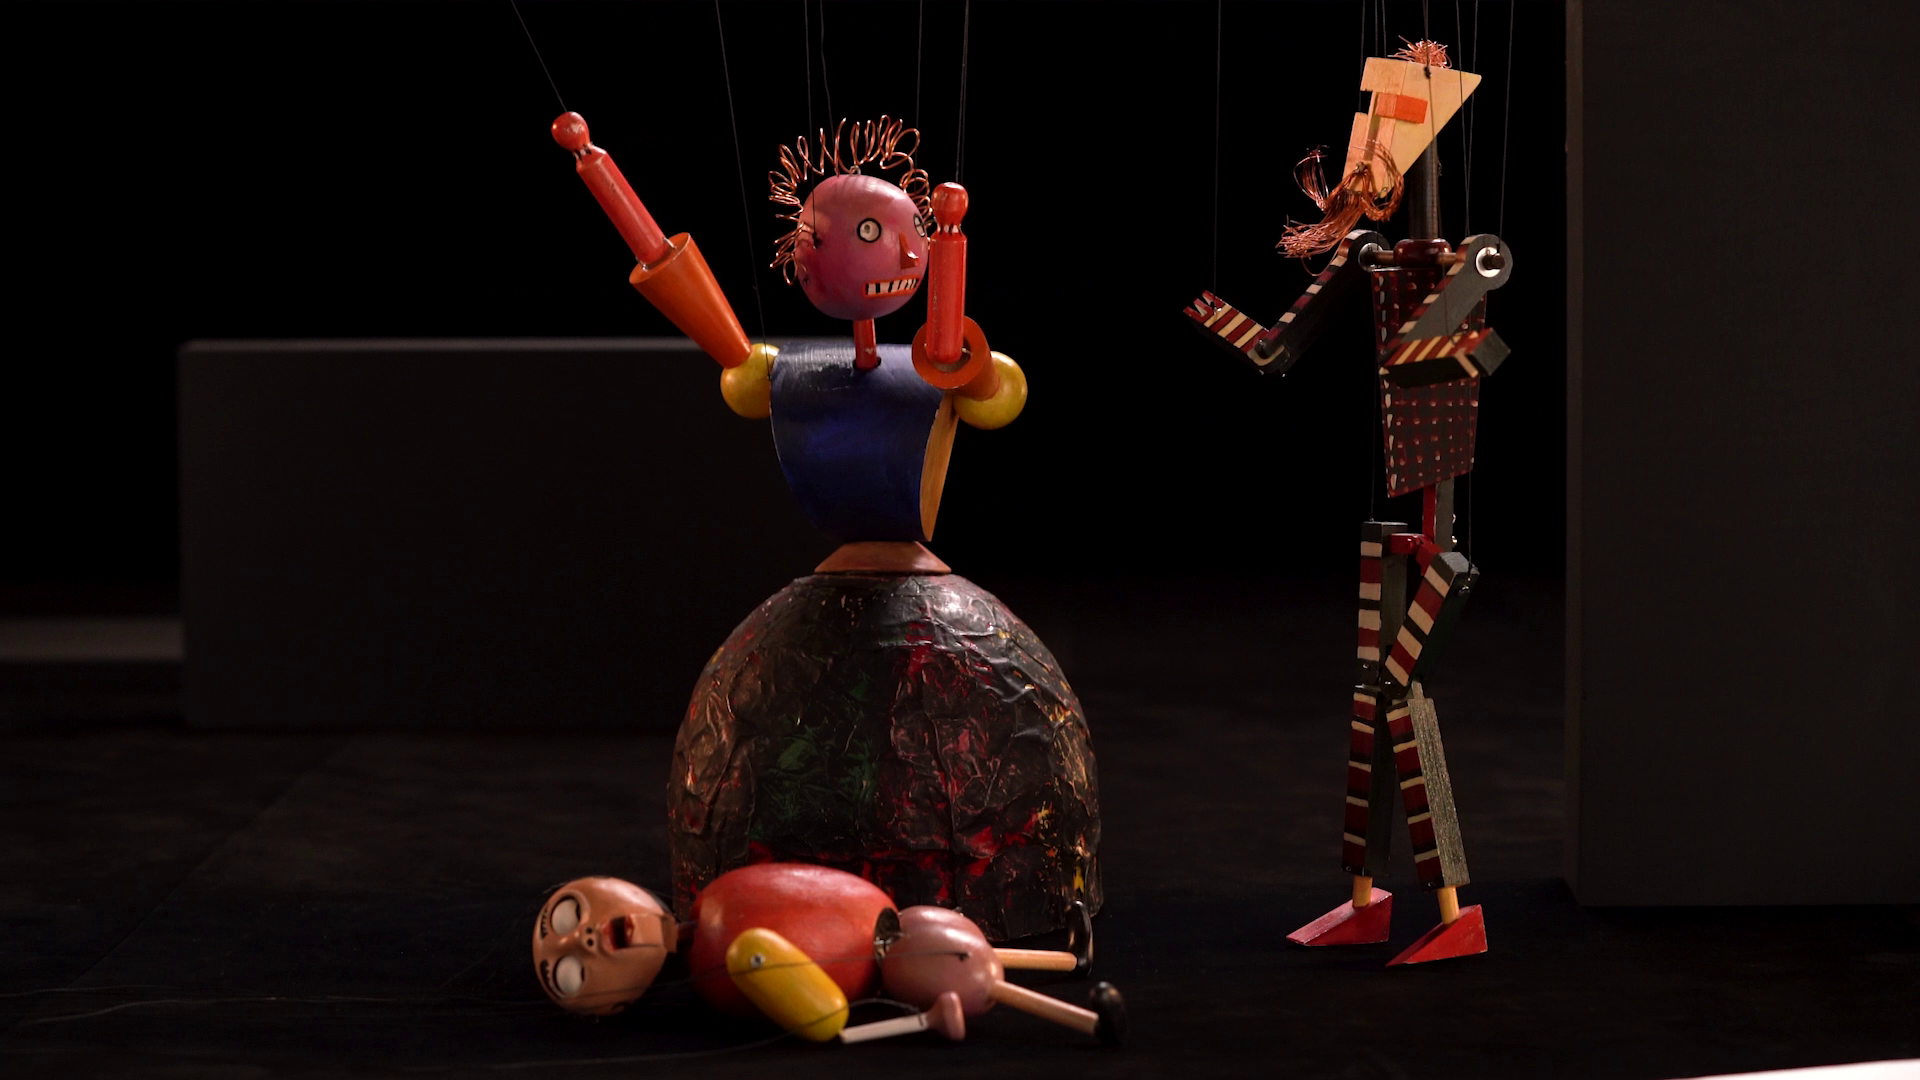 Bauhaus Marionette (photograph by Raphael Köhler)